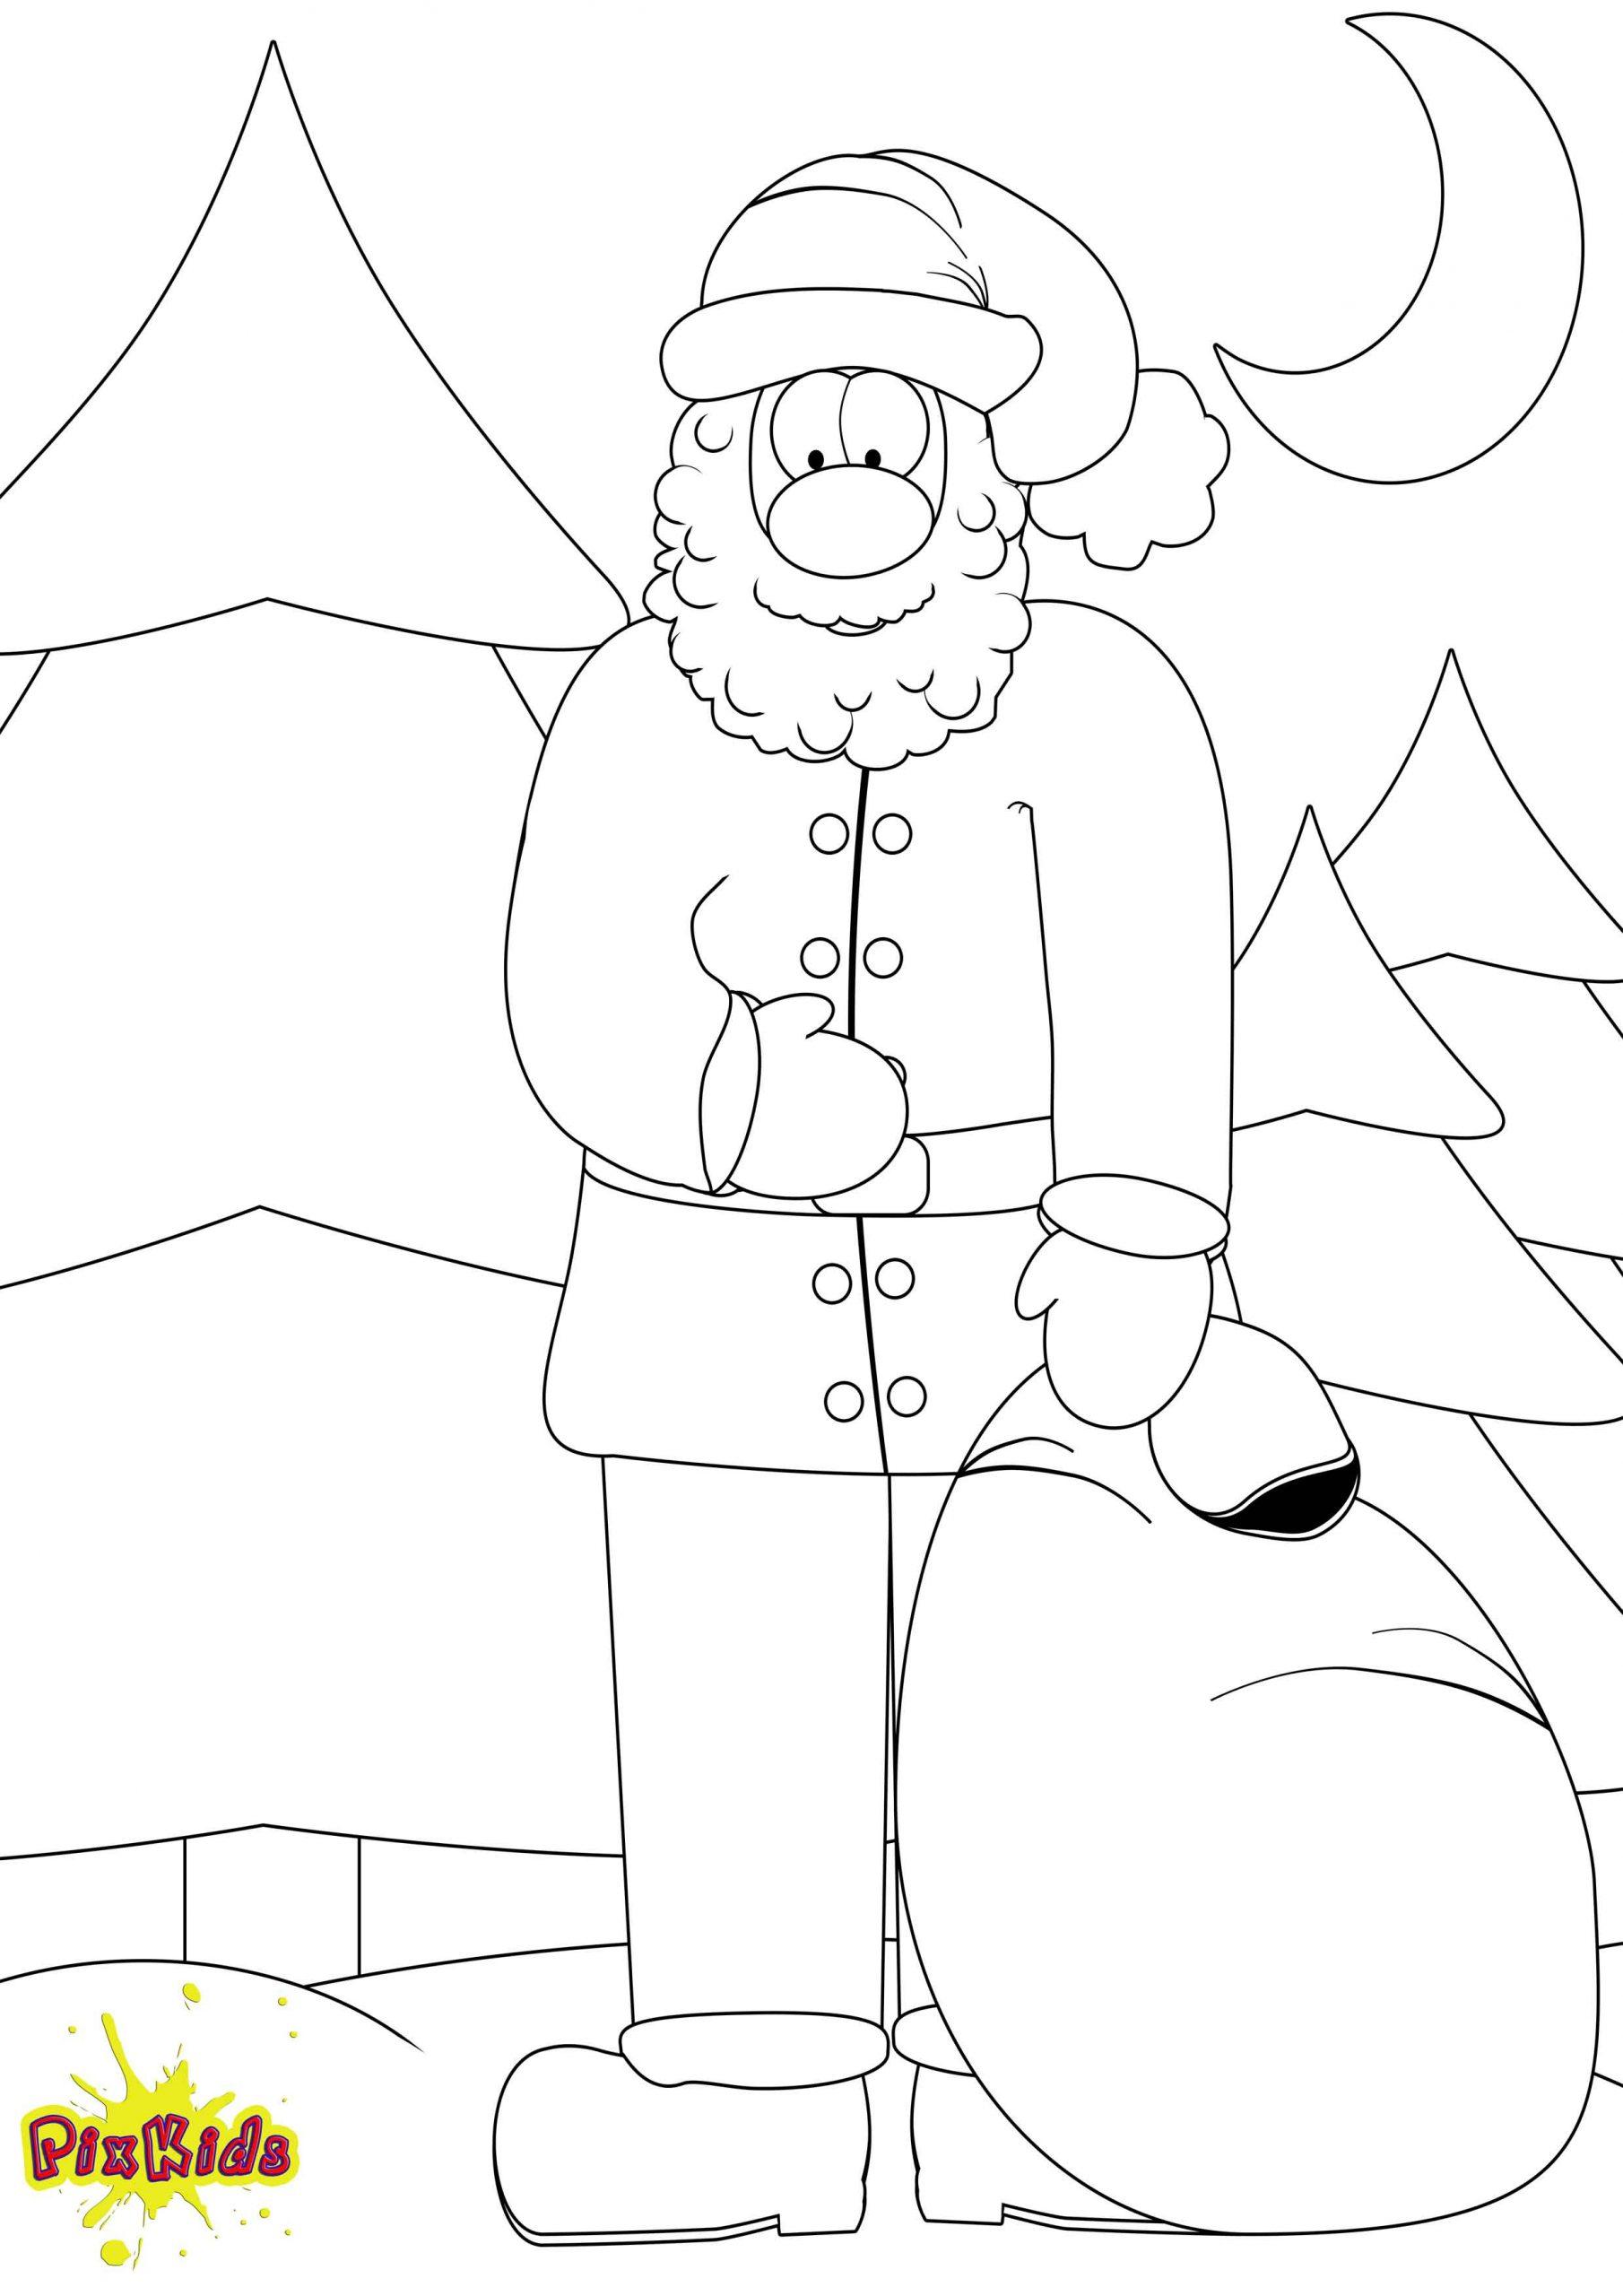 Ausmalbild Weihnachtsmann - Kostenlose Malvorlage verwandt mit Weihnachtsmann Zum Ausmalen